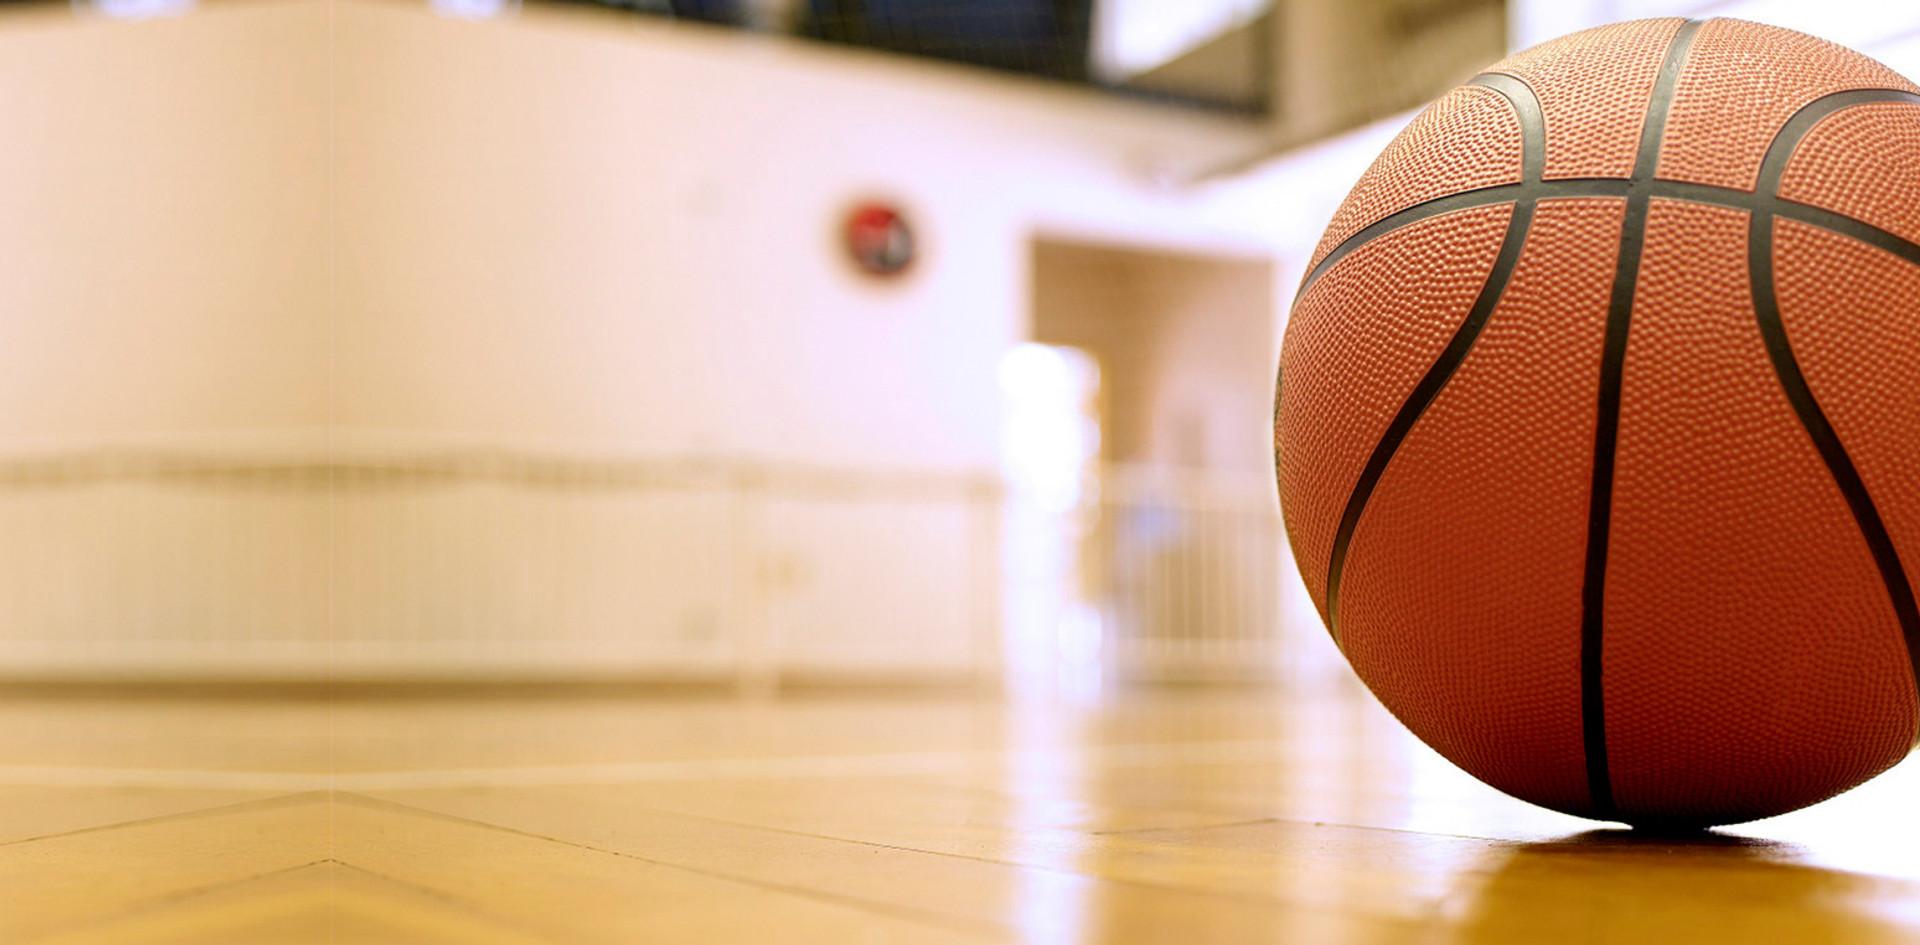 pelota basquet.jpg